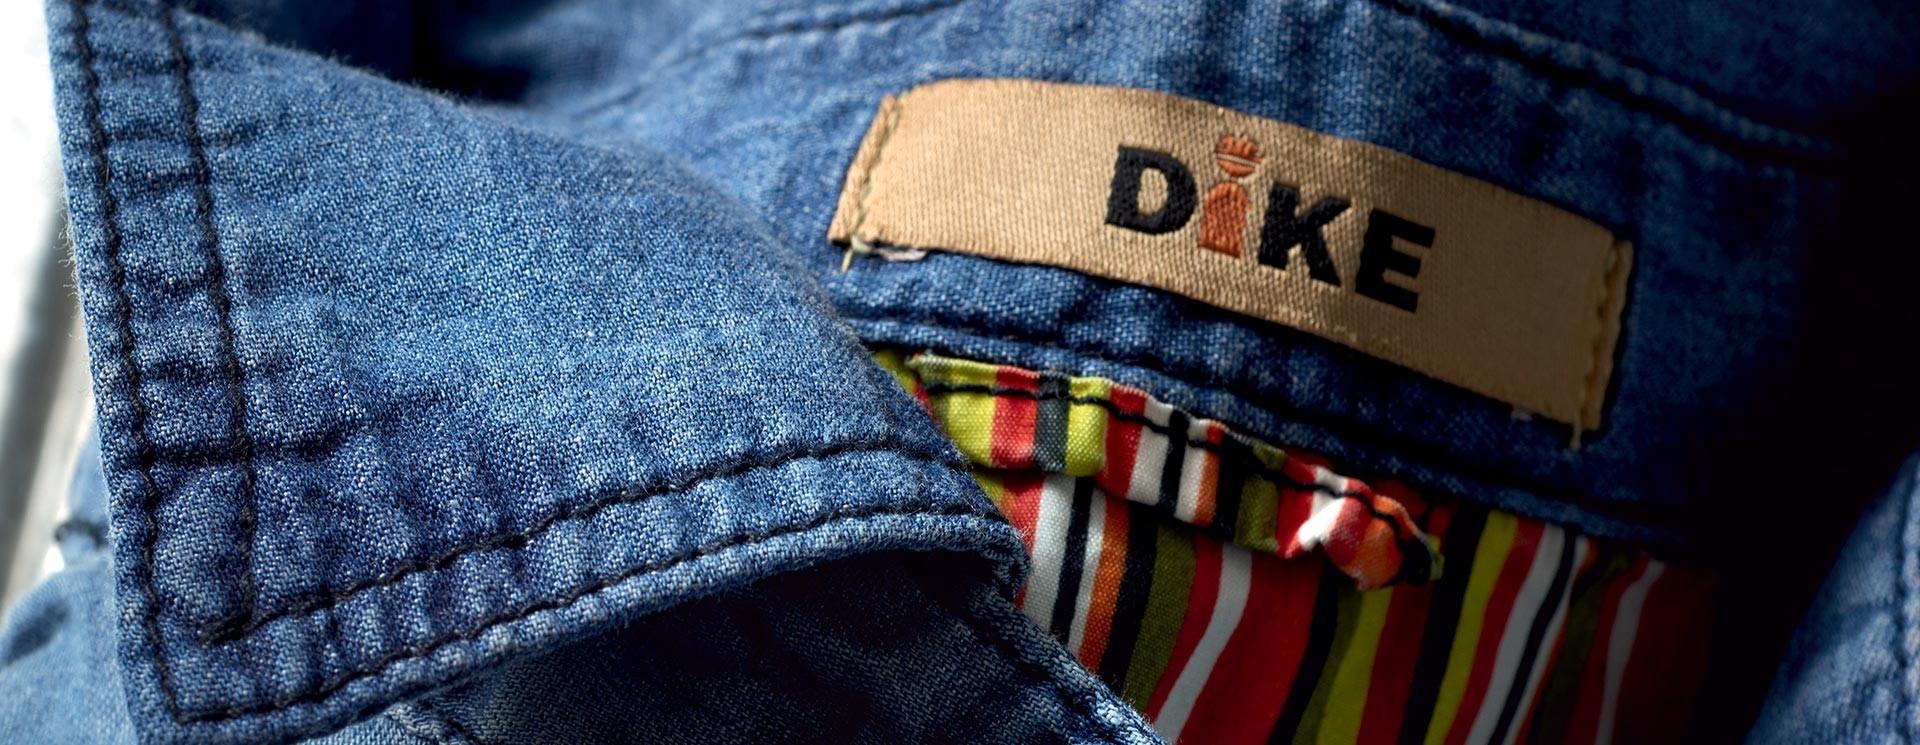 Camisas - Ropa de trabajo | Dike